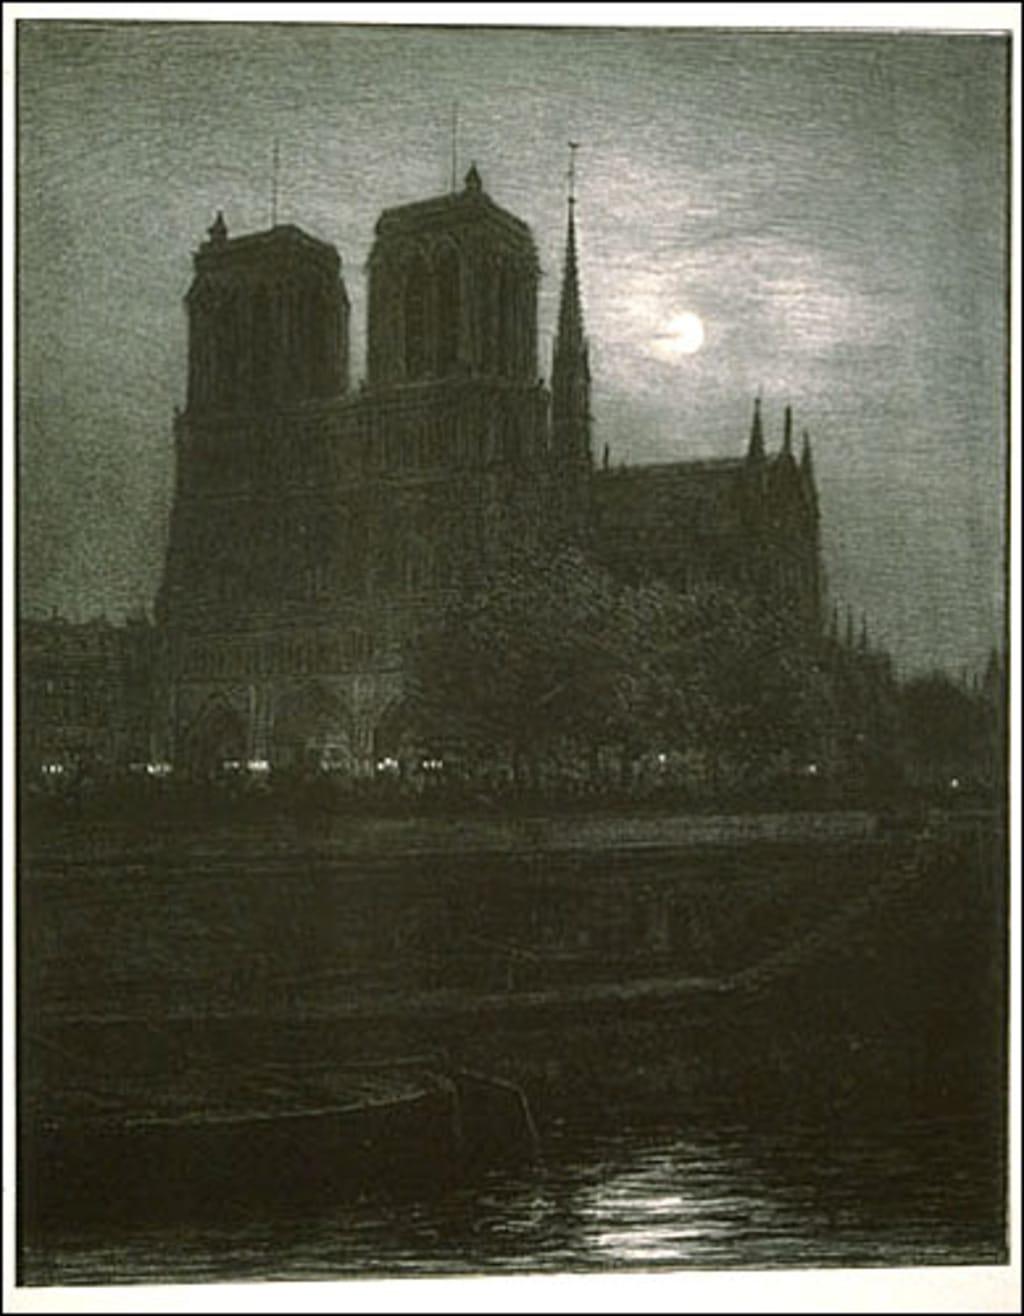 Notre-Dame de Paris au clair de lune